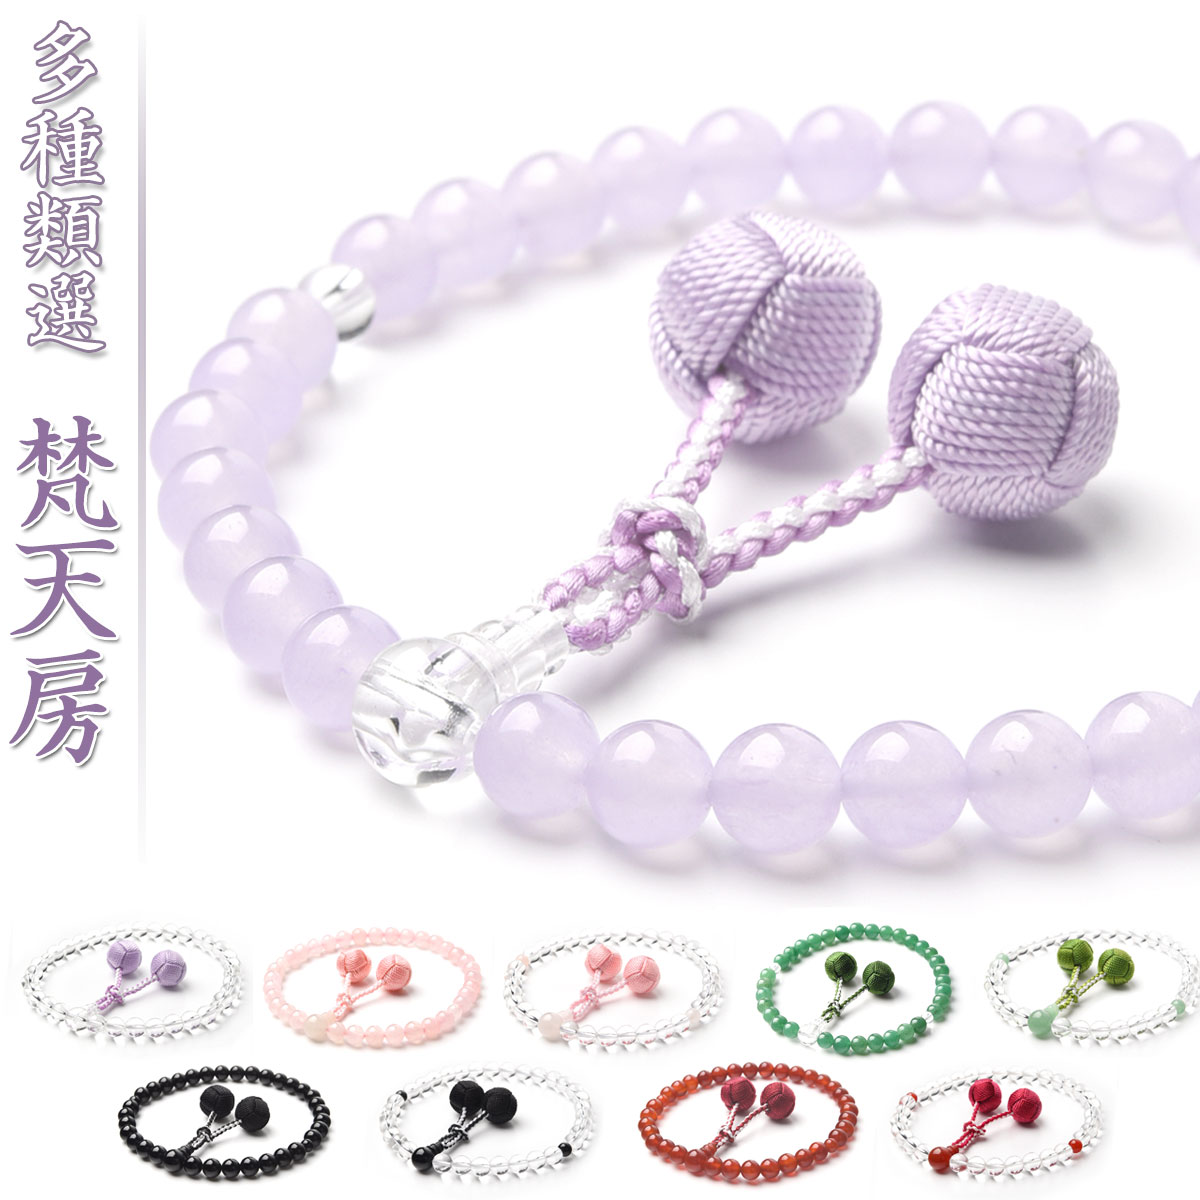 数珠女性用選べる梵天房数珠入れ特典付8mm本水晶水晶男性用梵天念珠天然石juzu01